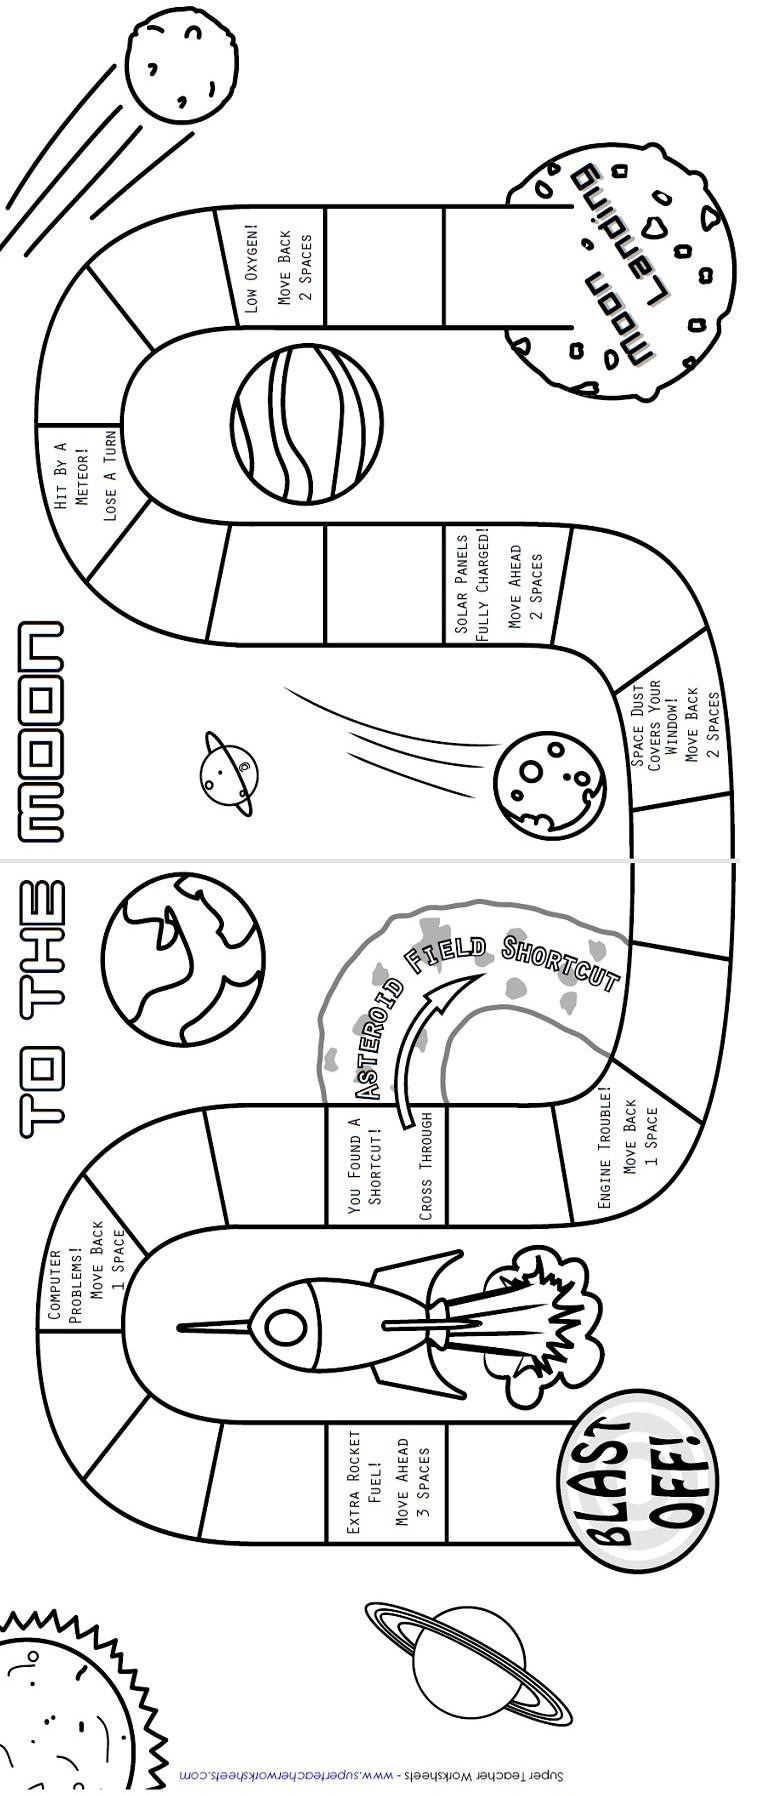 Free Worksheet 11th Grade Reading Comprehension Worksheets 11th grade reading comprehension worksheets abitlikethis prehension besides super teacher worksheets